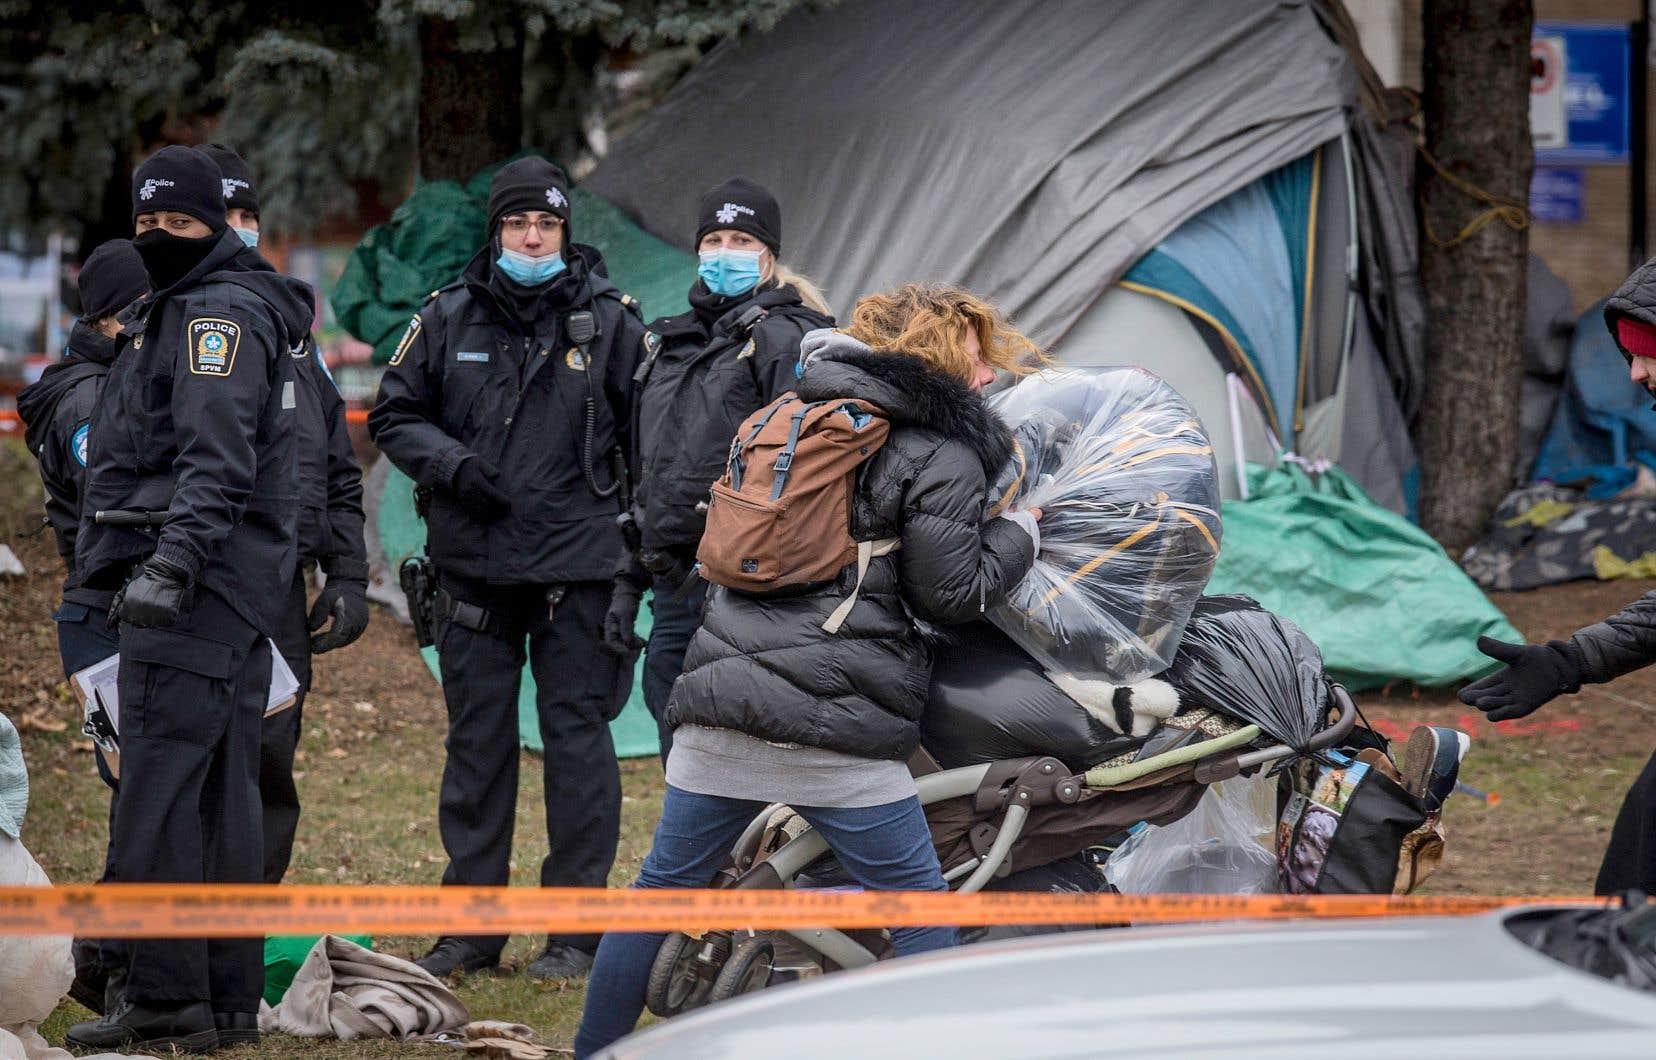 Les tentes installées sur le site en bordure de la rue Notre-Dame, à Montréal, ont été progressivement retirées, lundi, malgré la frustration de plusieurs campeurs, qui préféraient leur abri de fortune aux règles strictes des refuges.